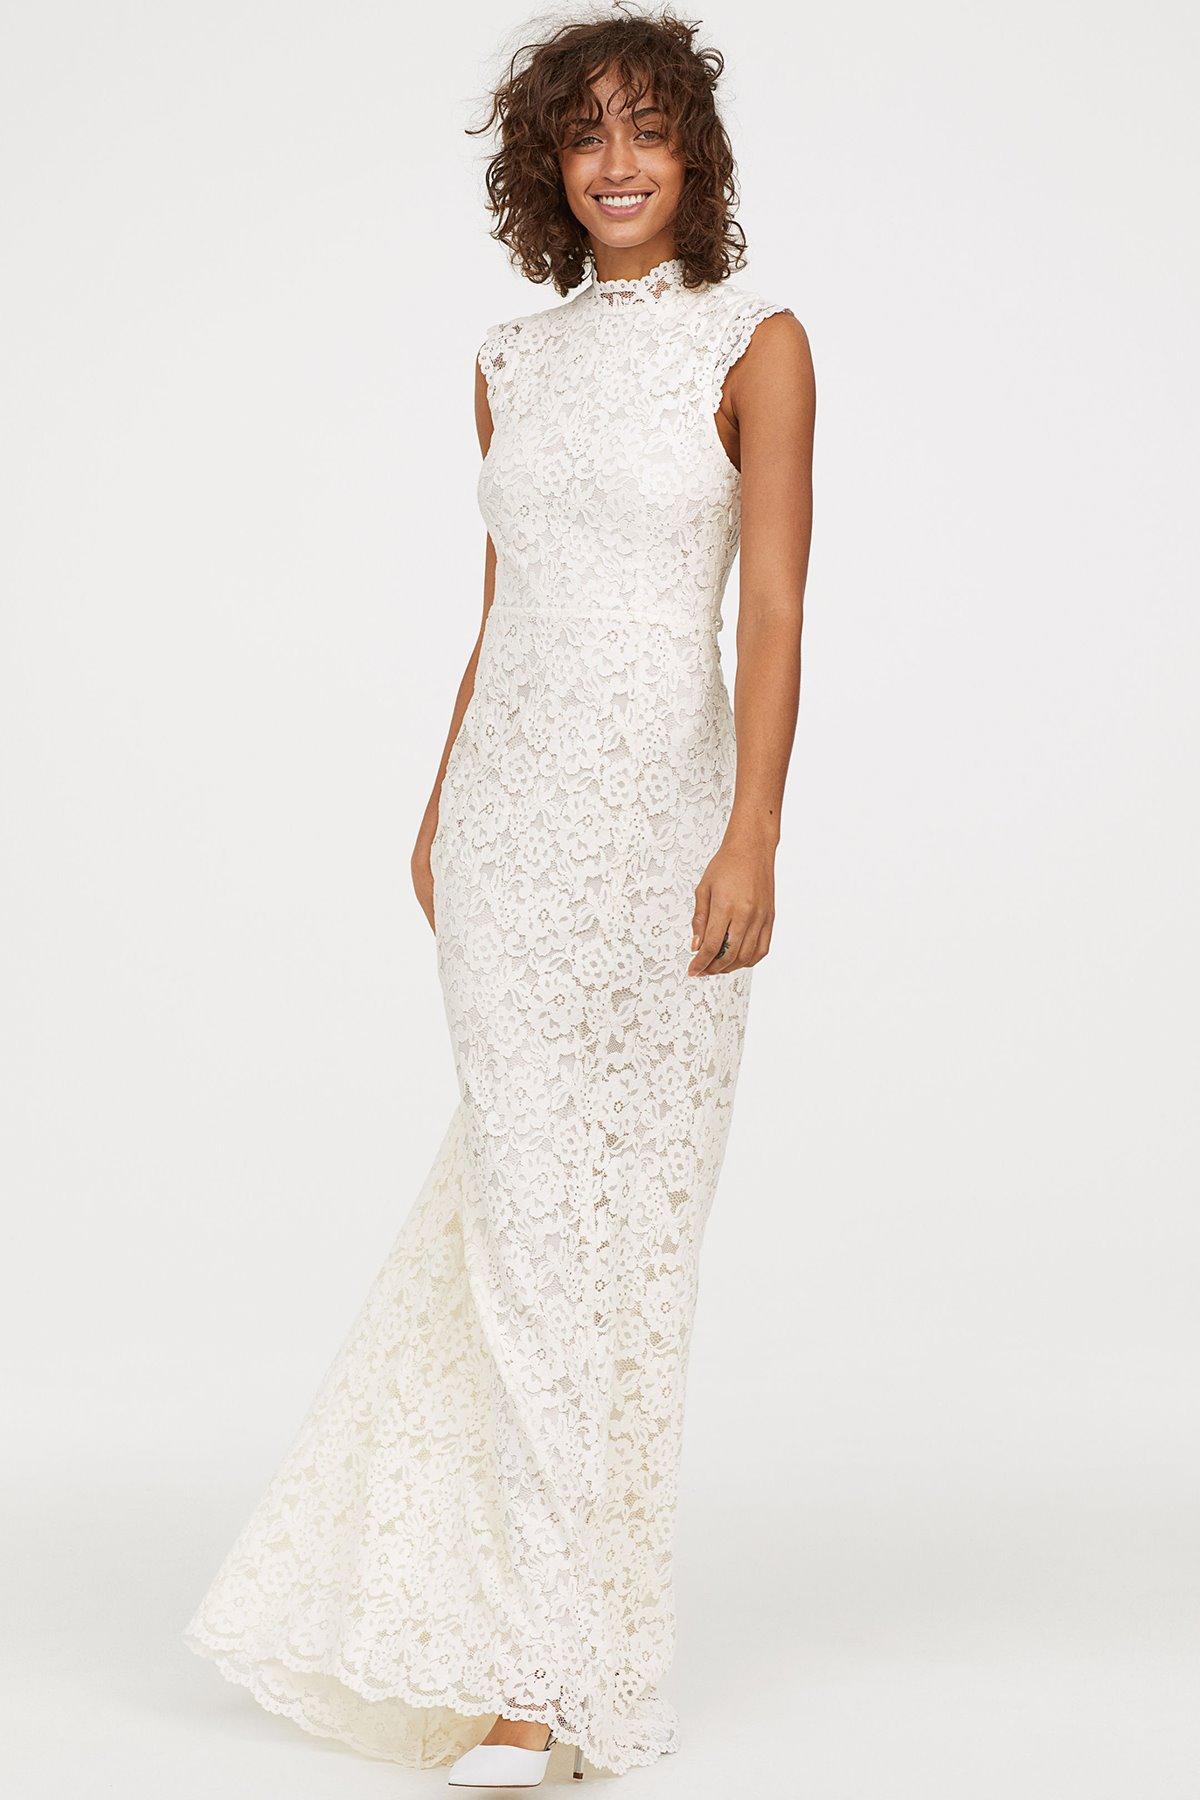 Que es un vestido de novia